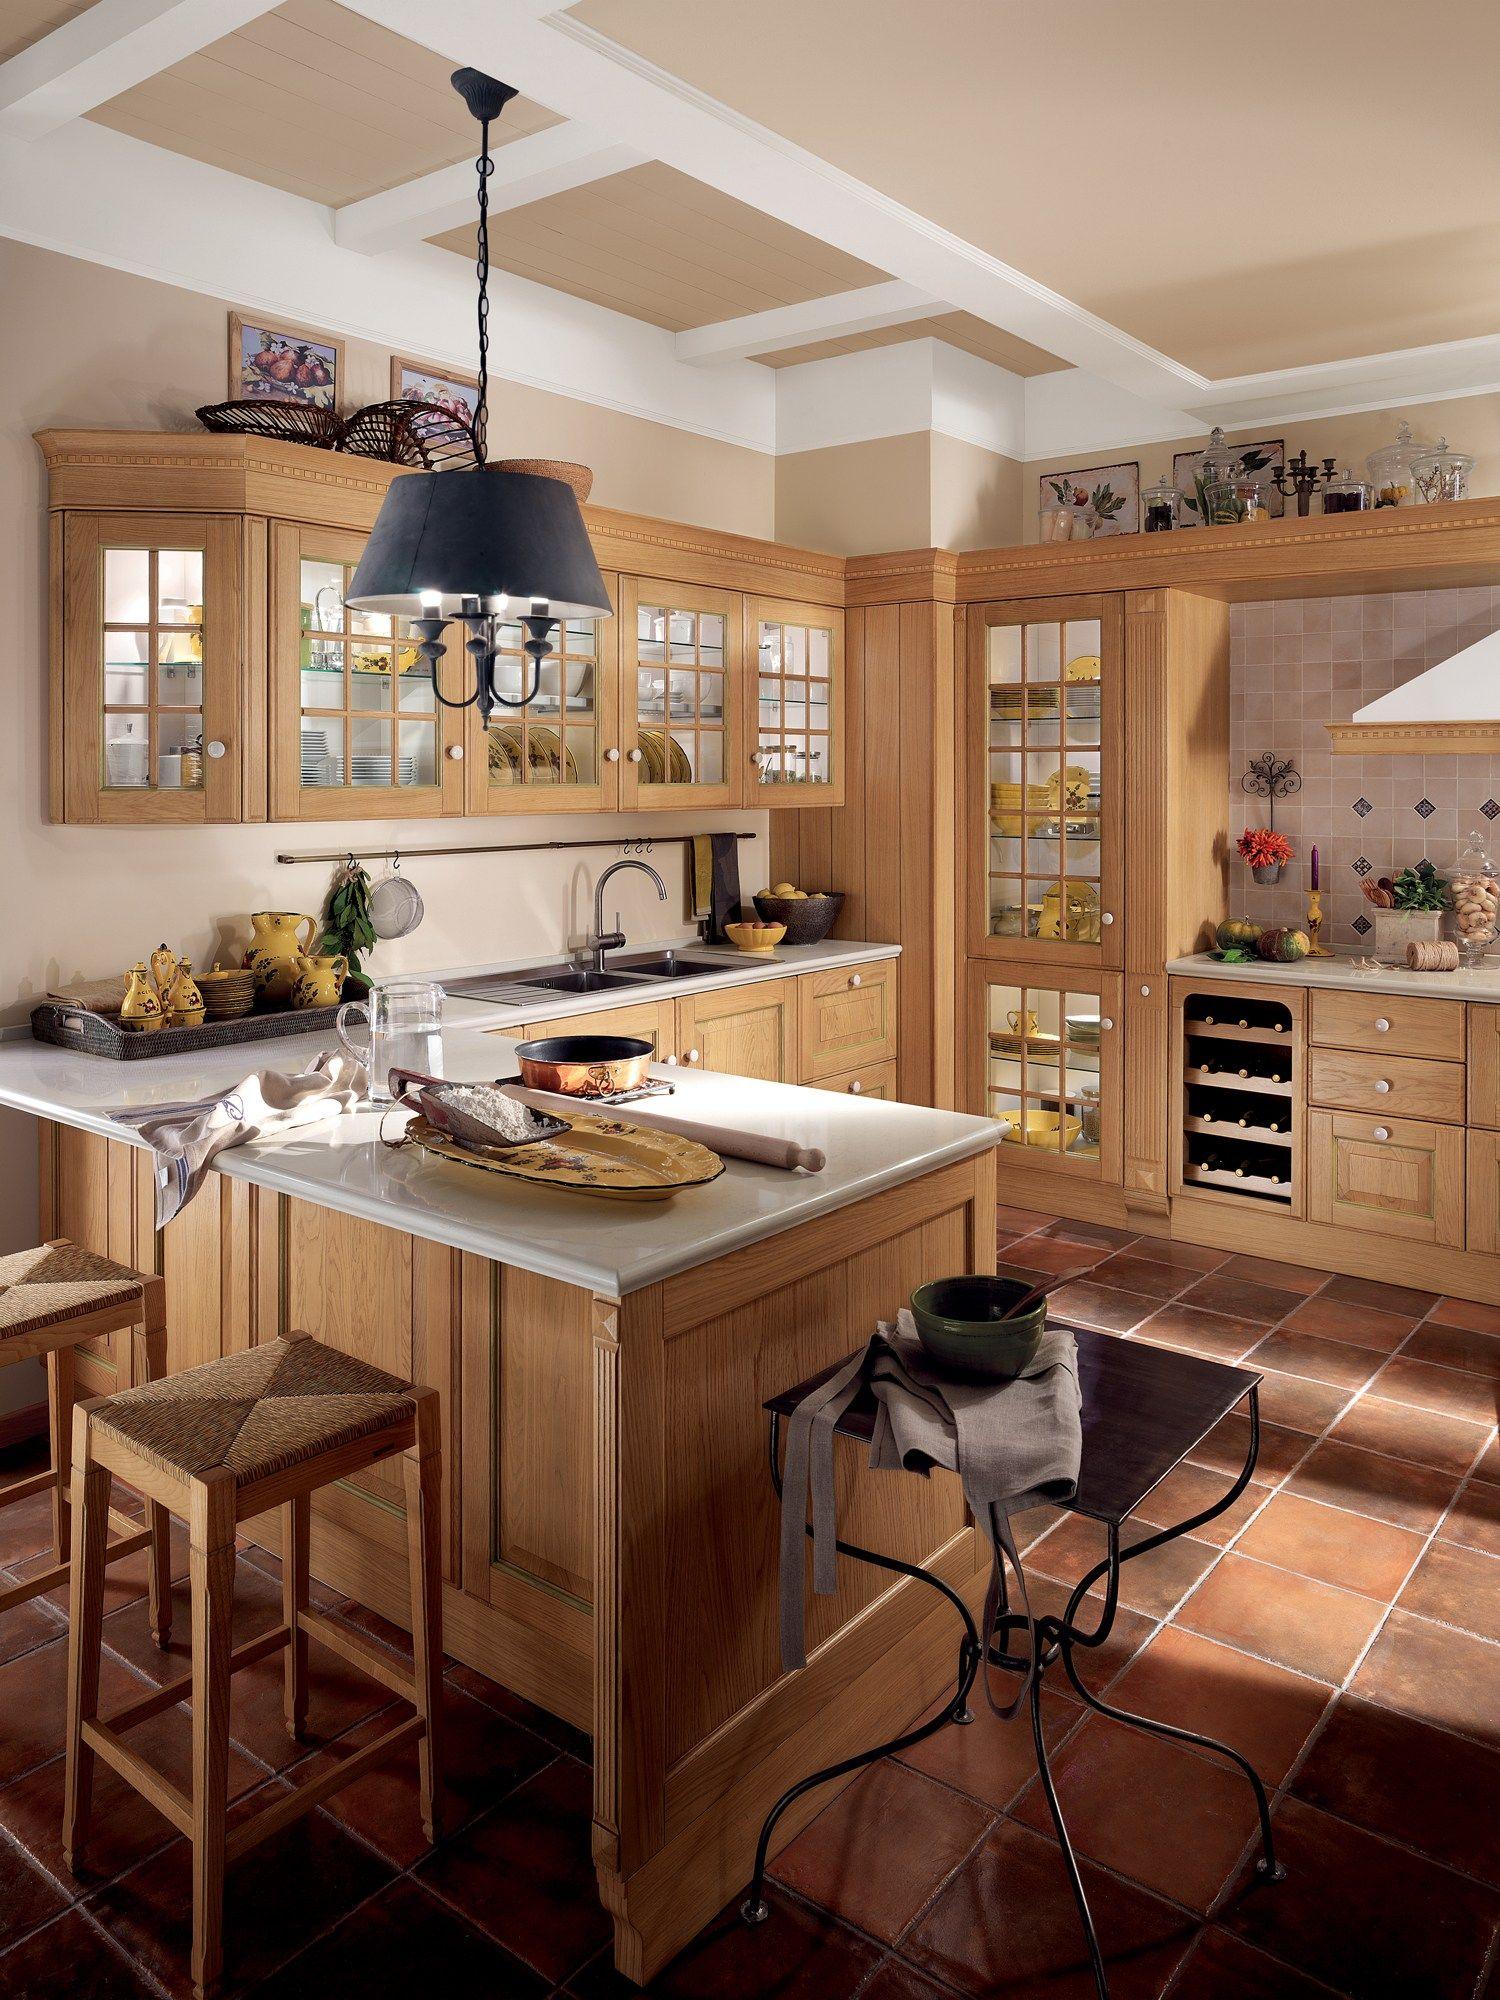 Cucina componibile baltimora linea scavolini by scavolini - Cucina scavolini baltimora ...